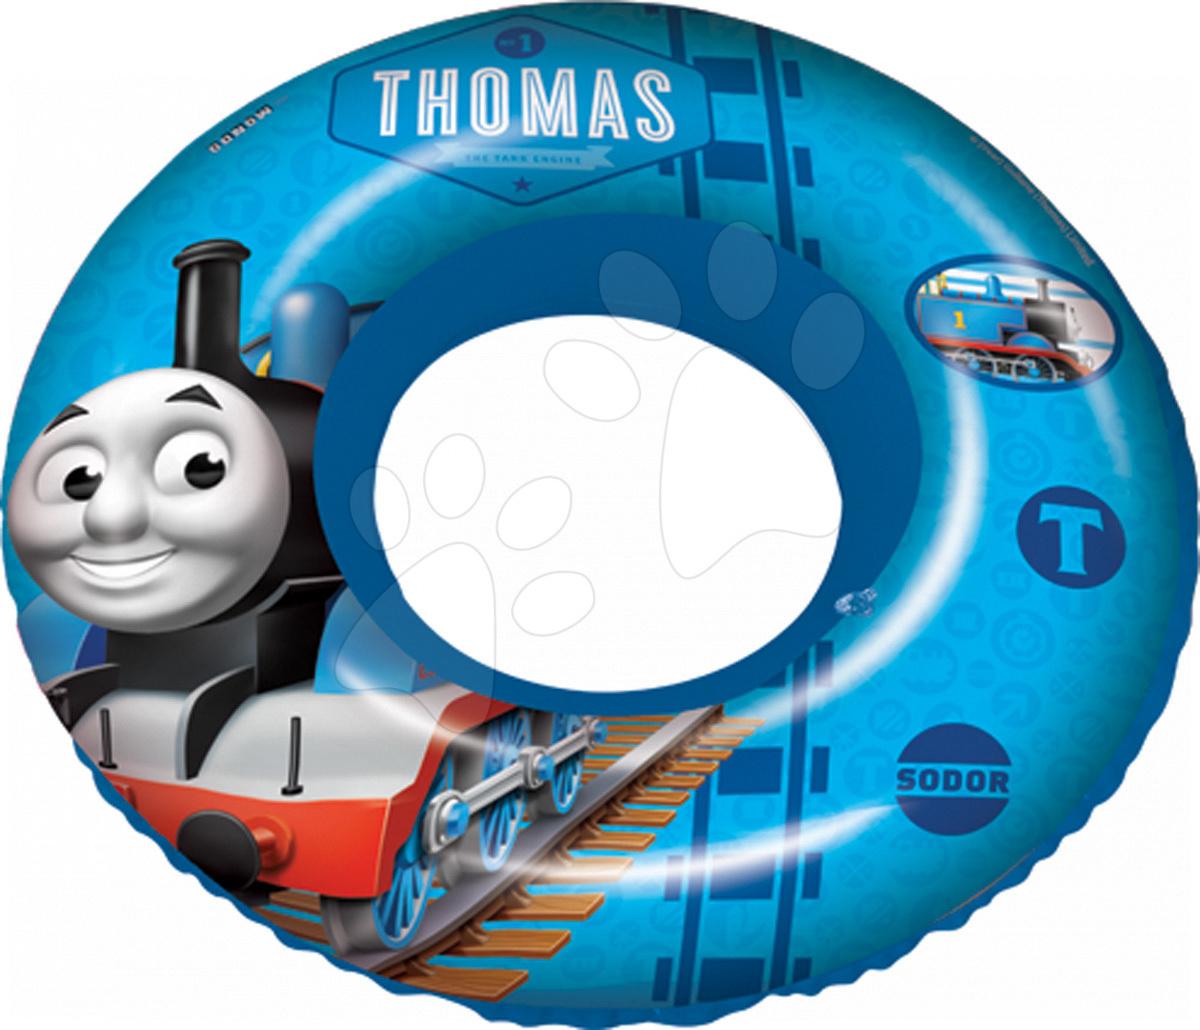 Staré položky - Nafukovacie plávacie koleso Thomas Mondo od 3 rokov